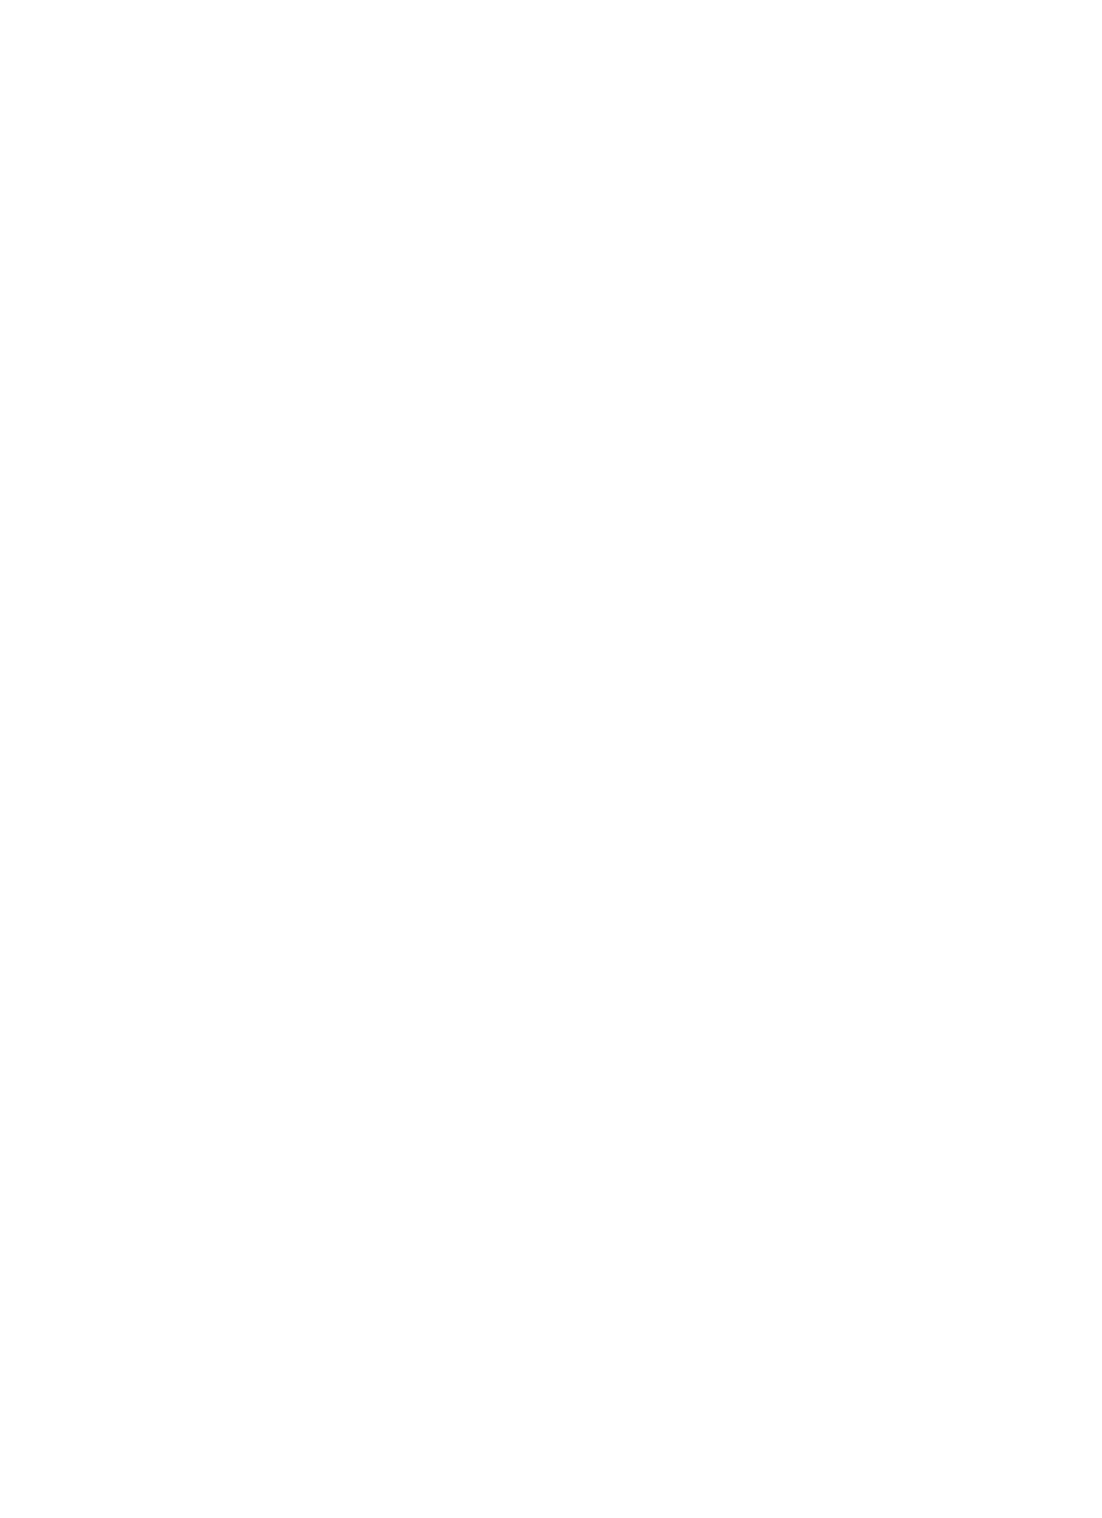 red-ribbon-week-logo-white